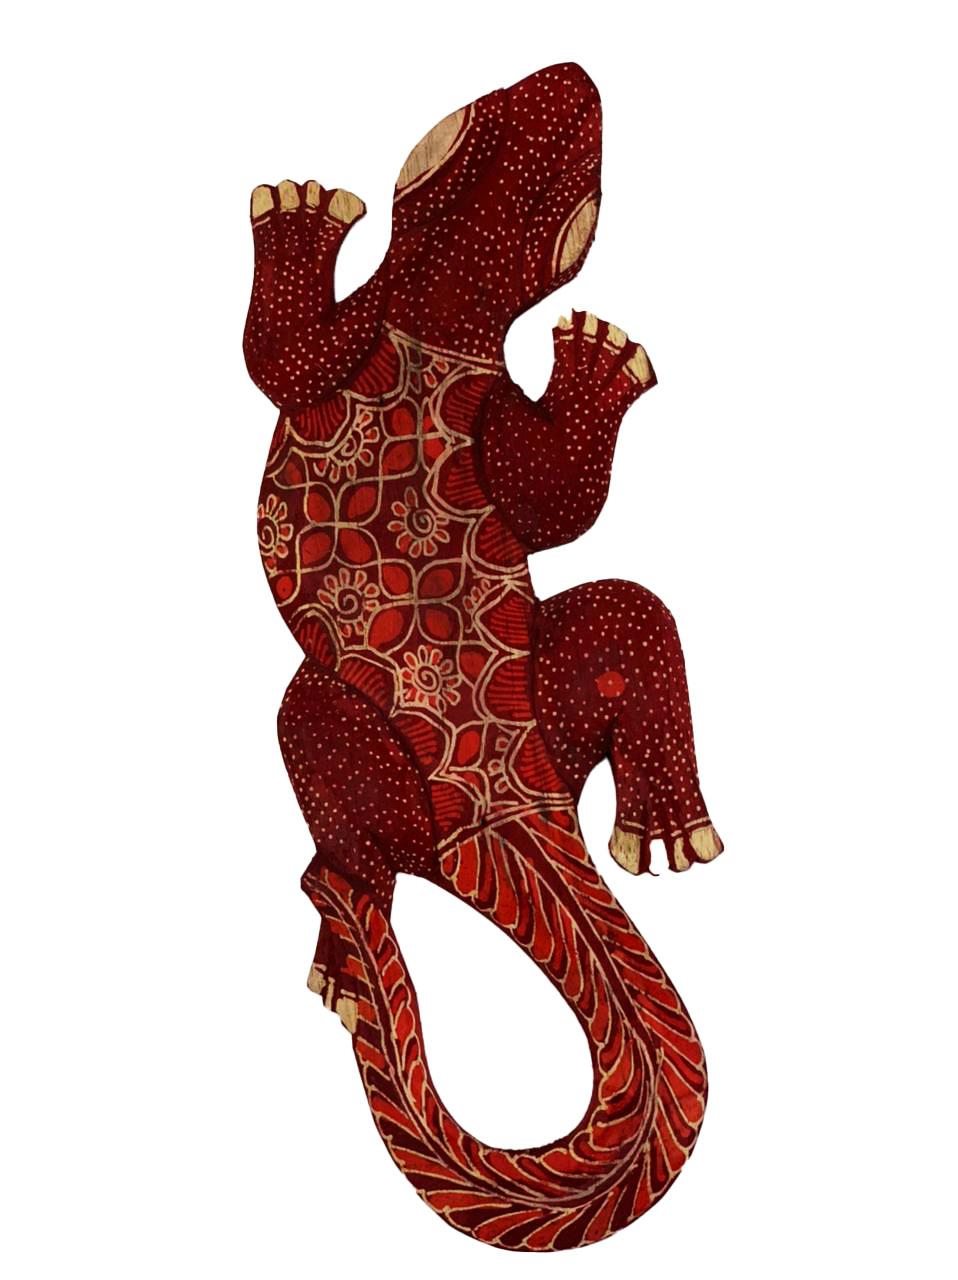 Escultura Lagarto Guecko em Madeira Albesia c/ Pintura Batik Vermelha (30cm)